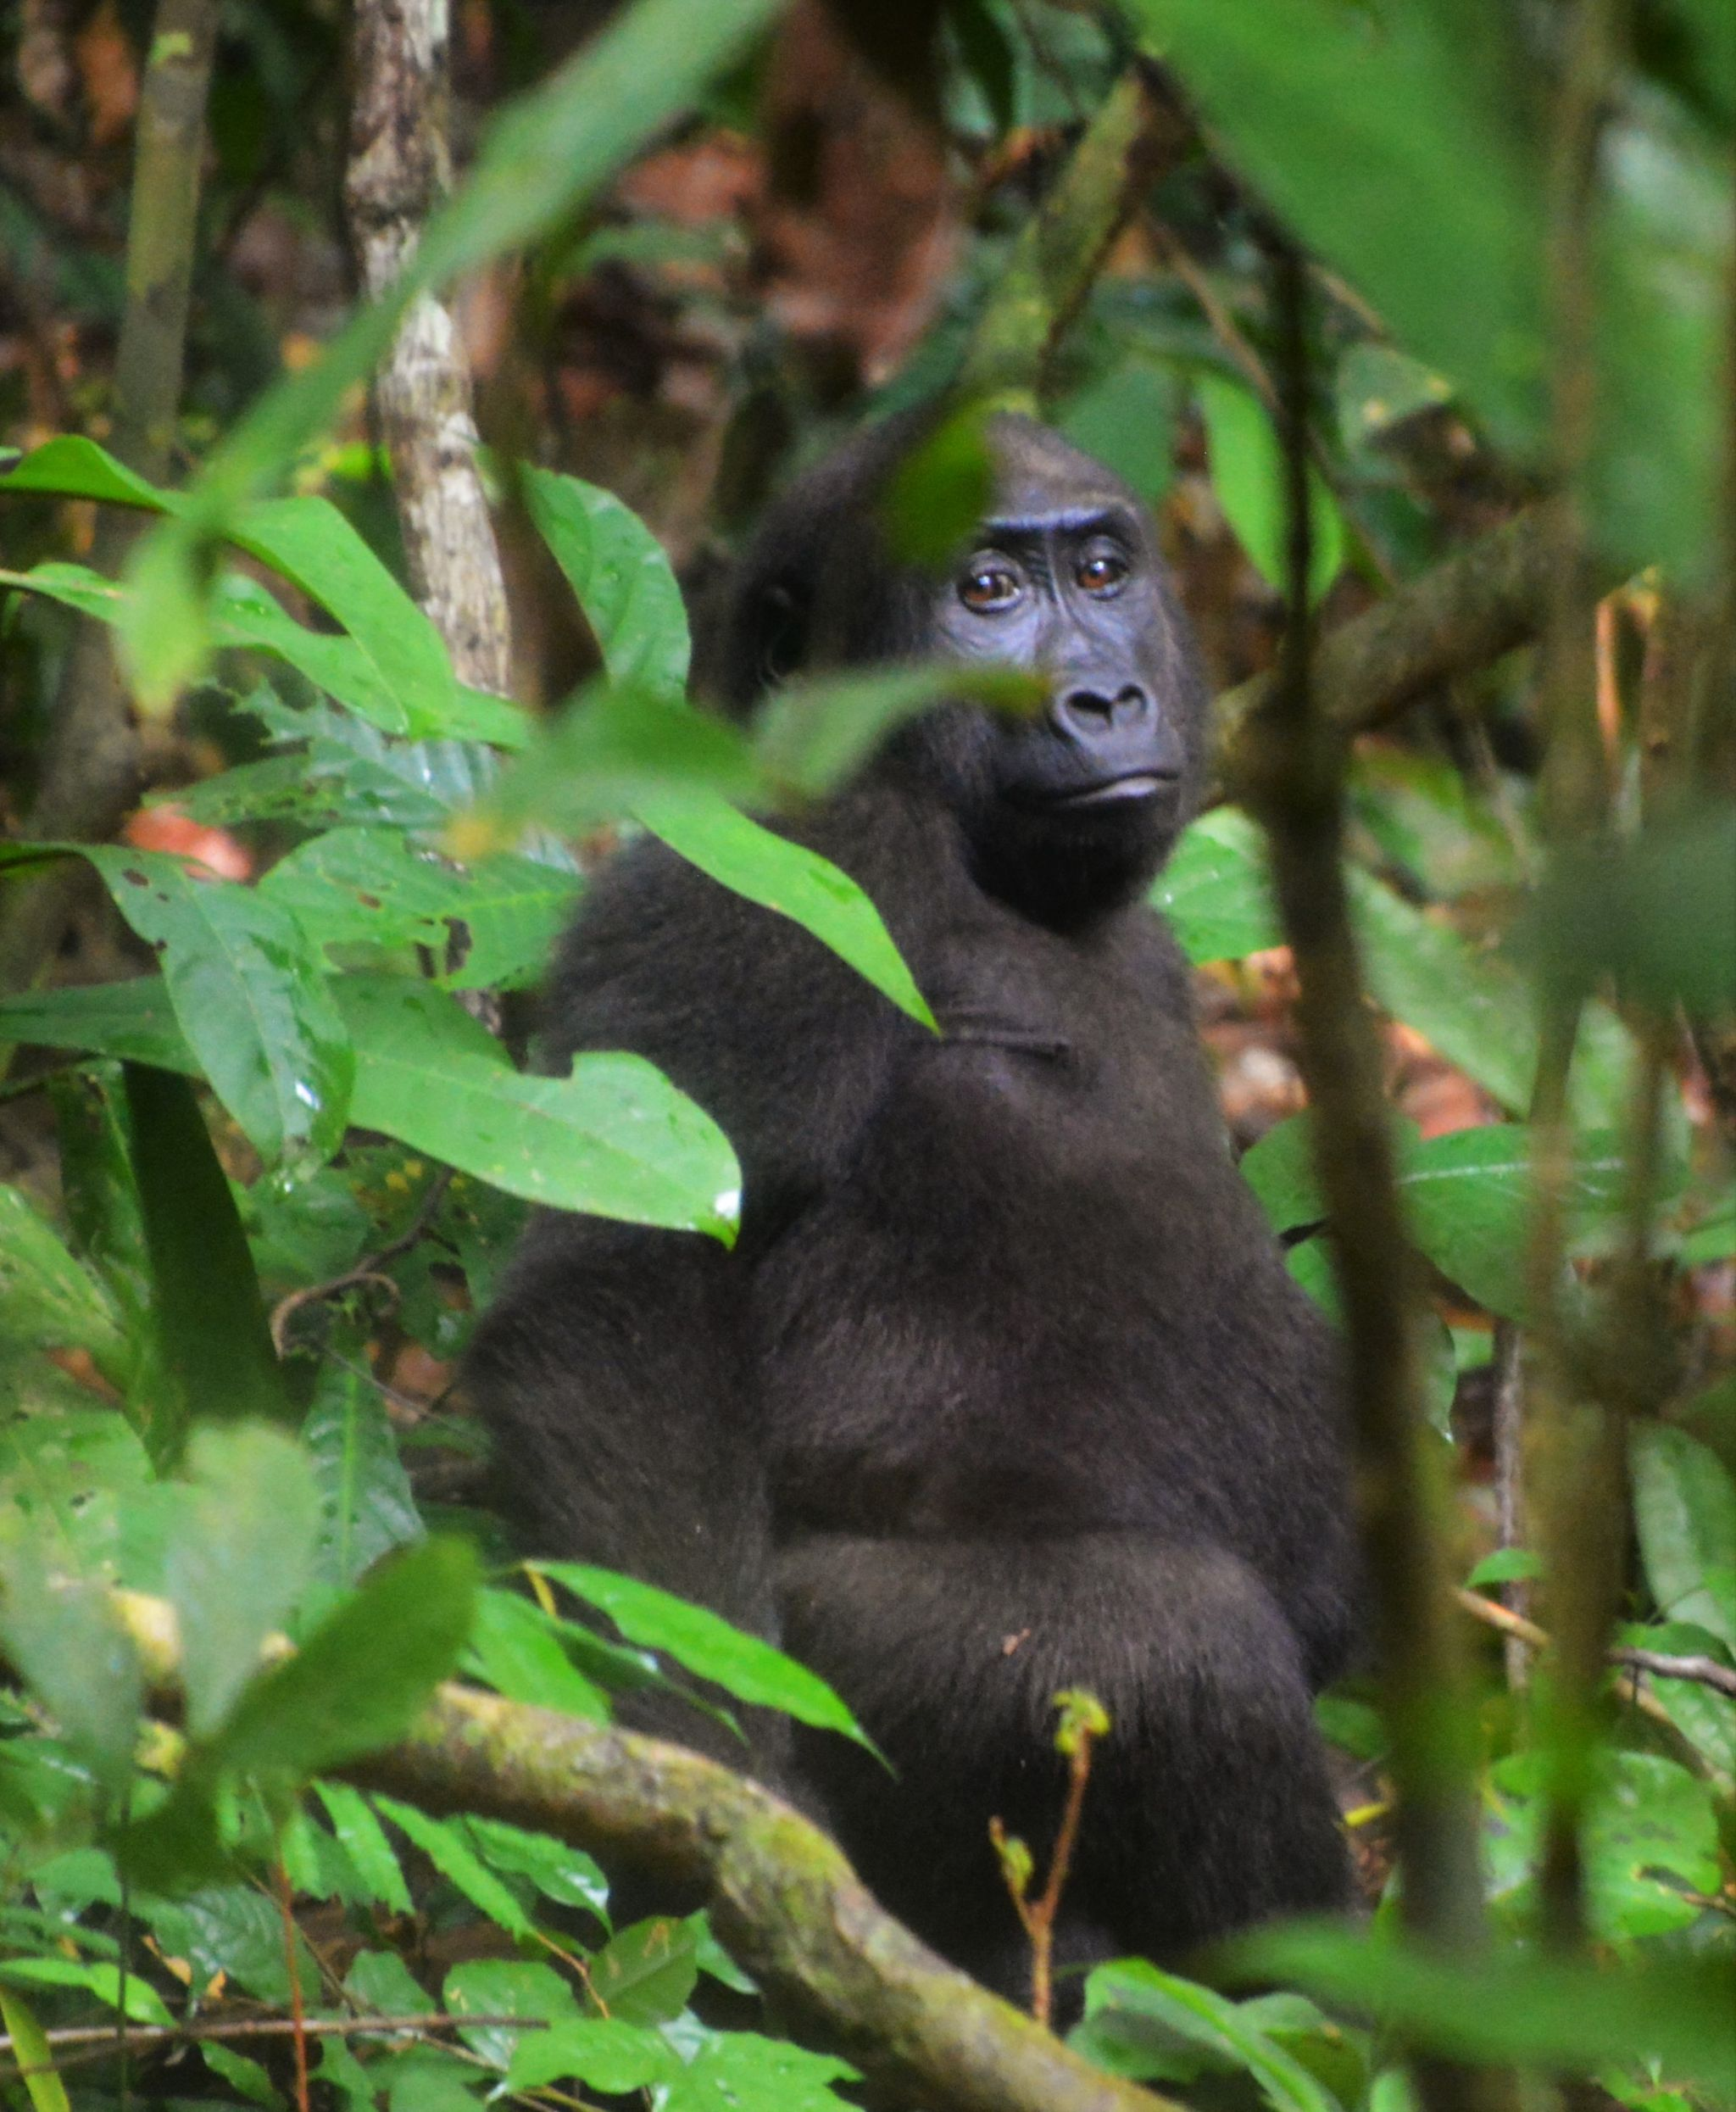 Loango Gorilla amongst the foliage